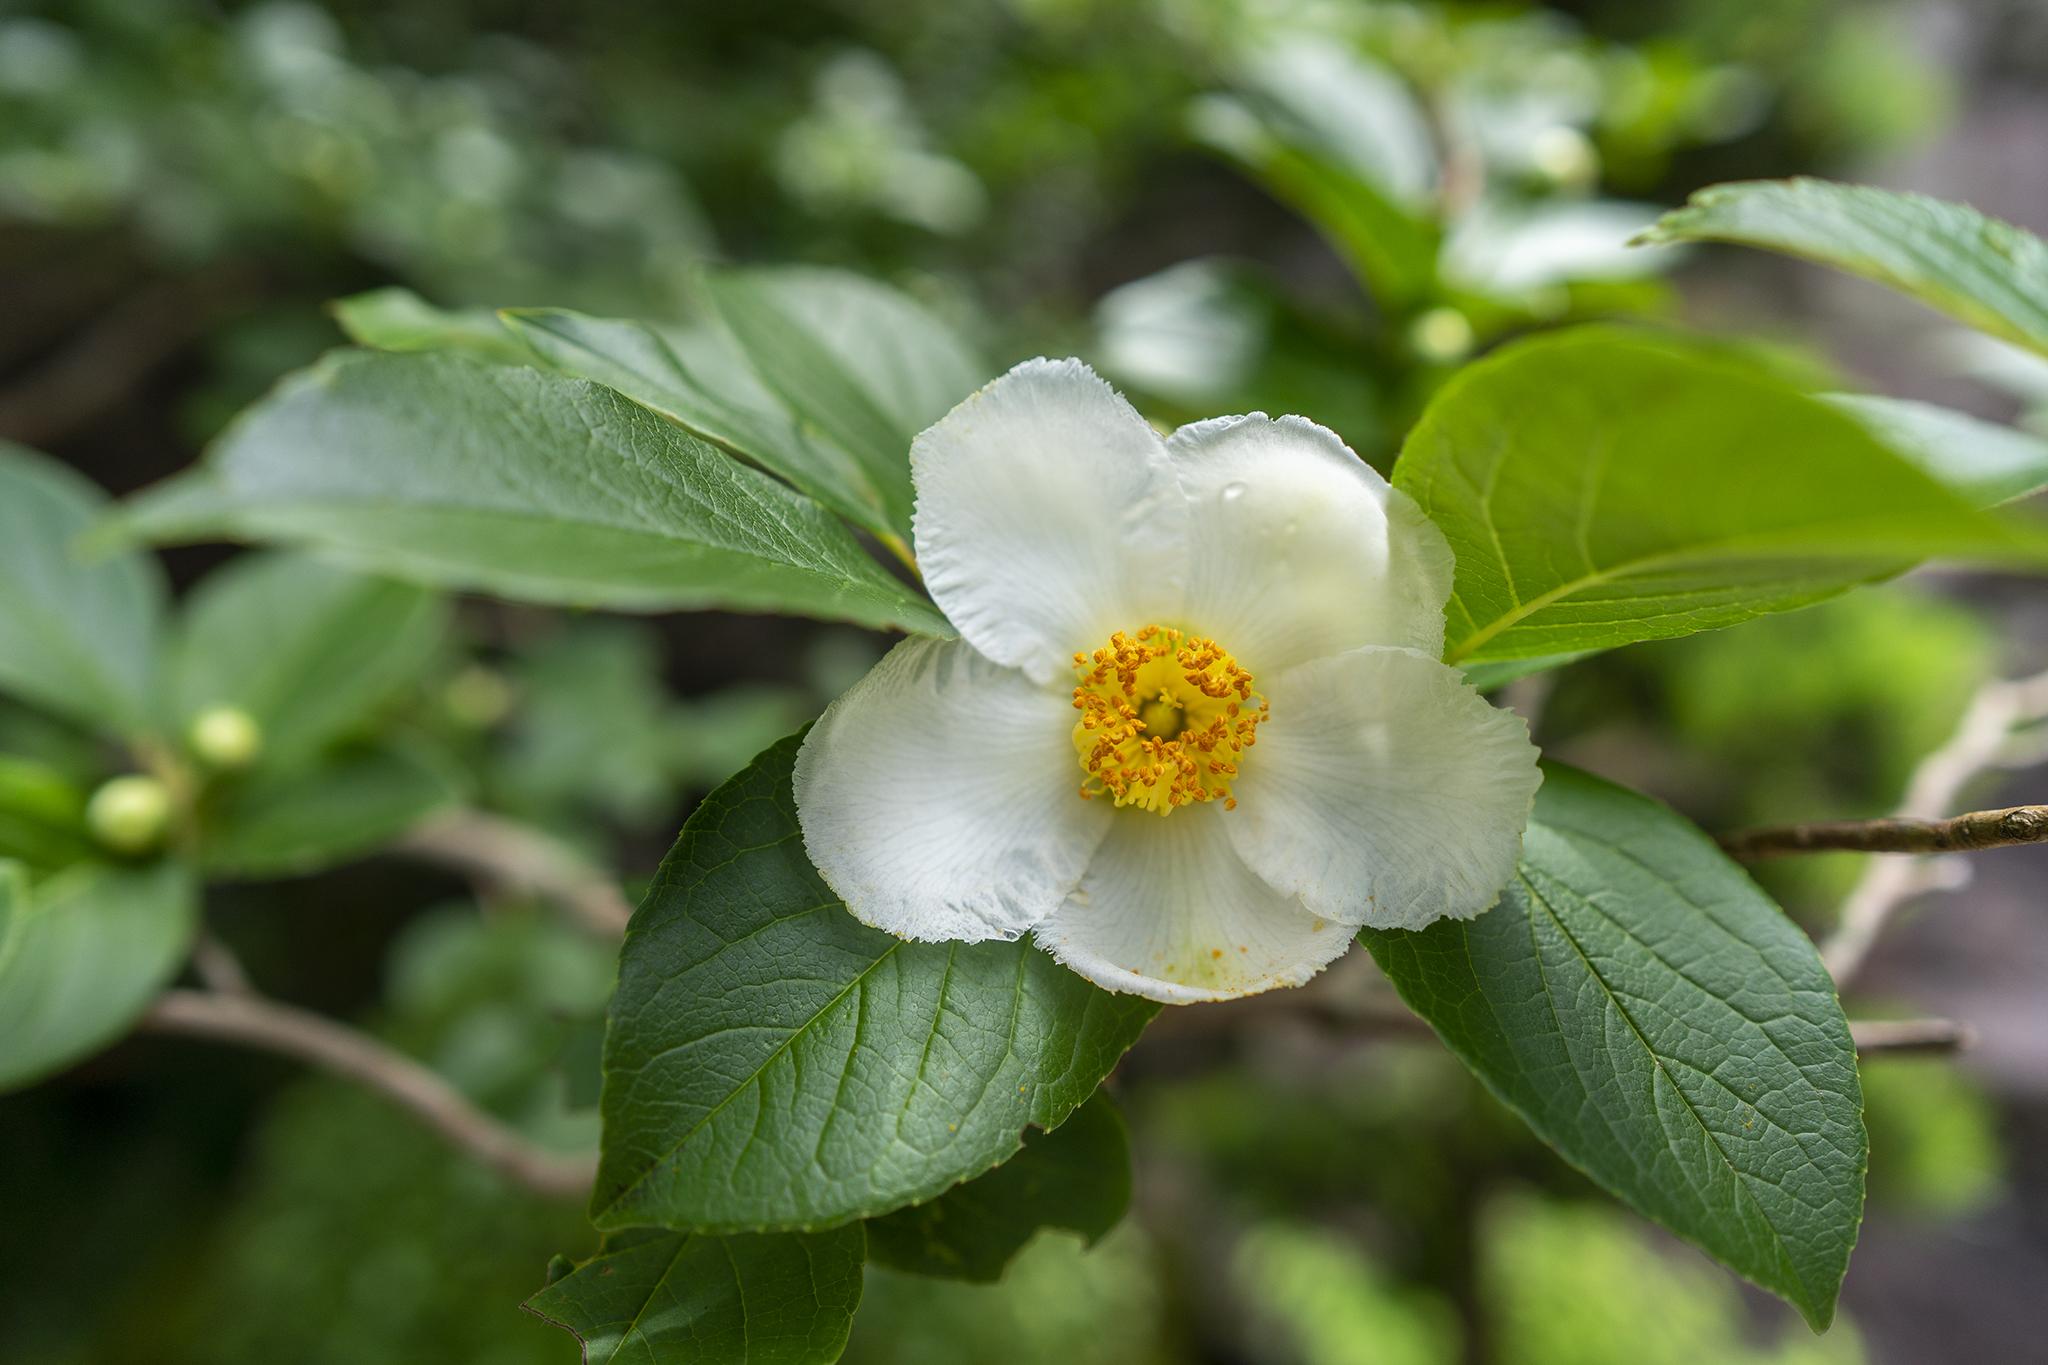 野田屋竹屋敷の夏に咲く花「ナツツバキ」と「ヒメツバキ」ほか。